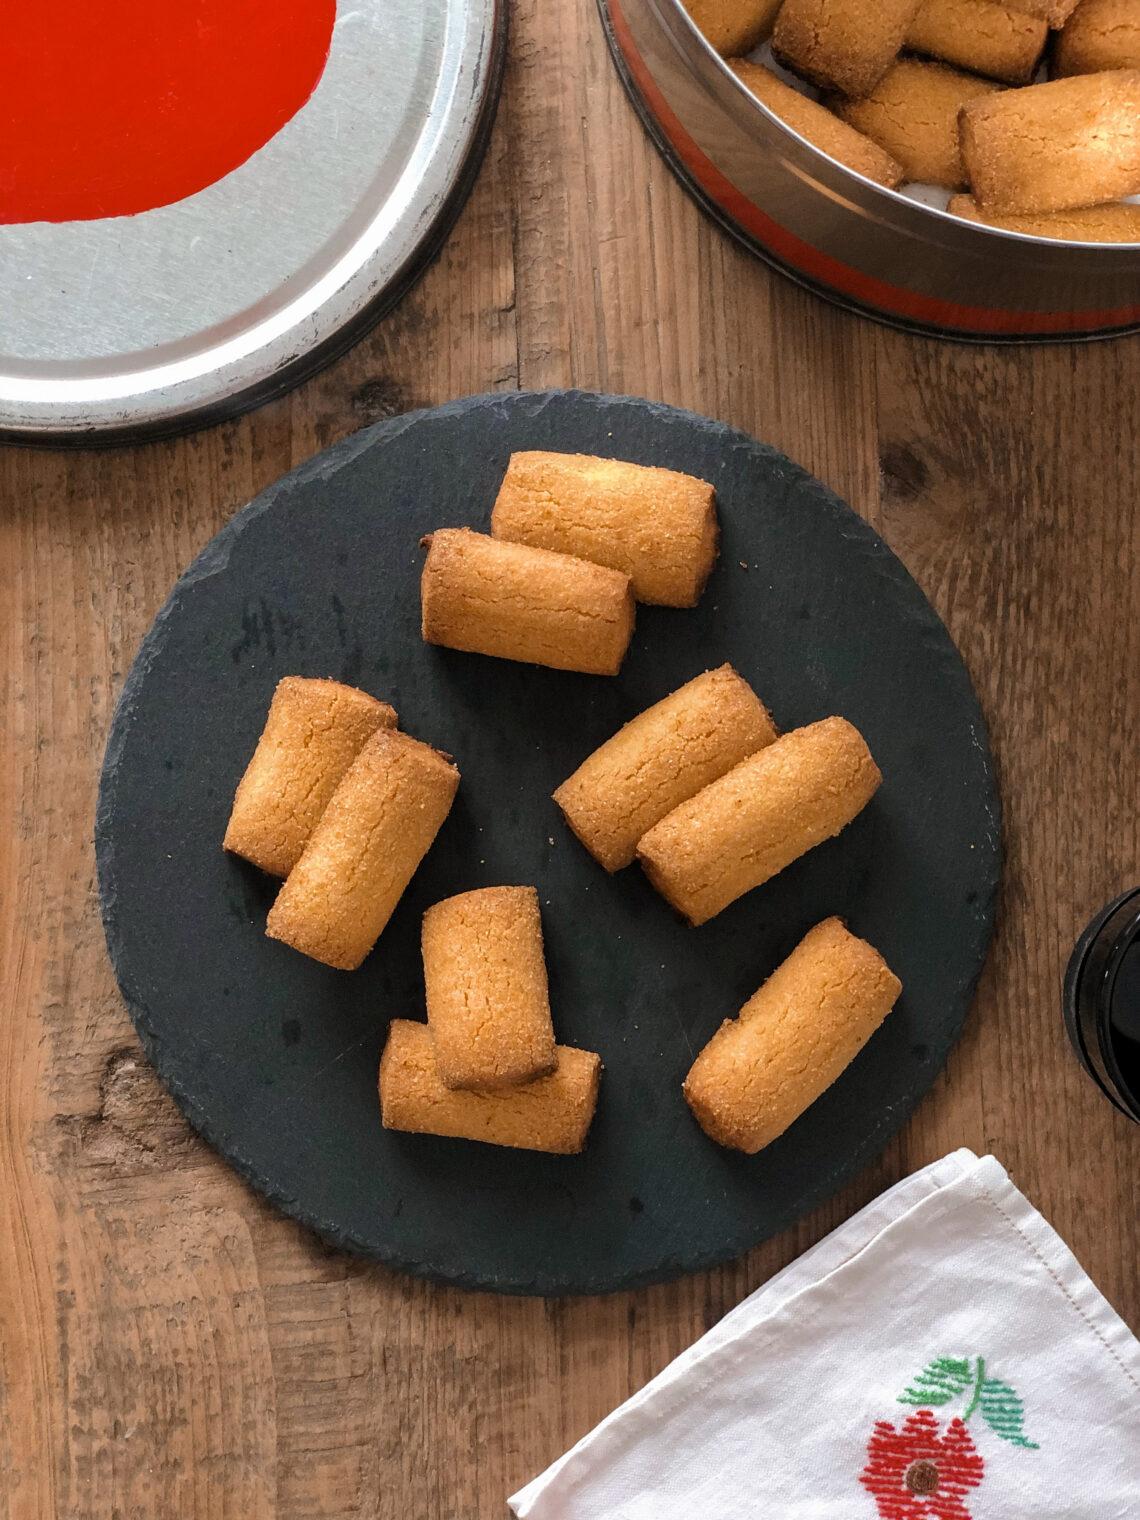 Biscotti Melgotto della val Gandino, con farina di riso e farina di mais fioretto, ma l'originale prevede farina di mais spinato, senza lattosio